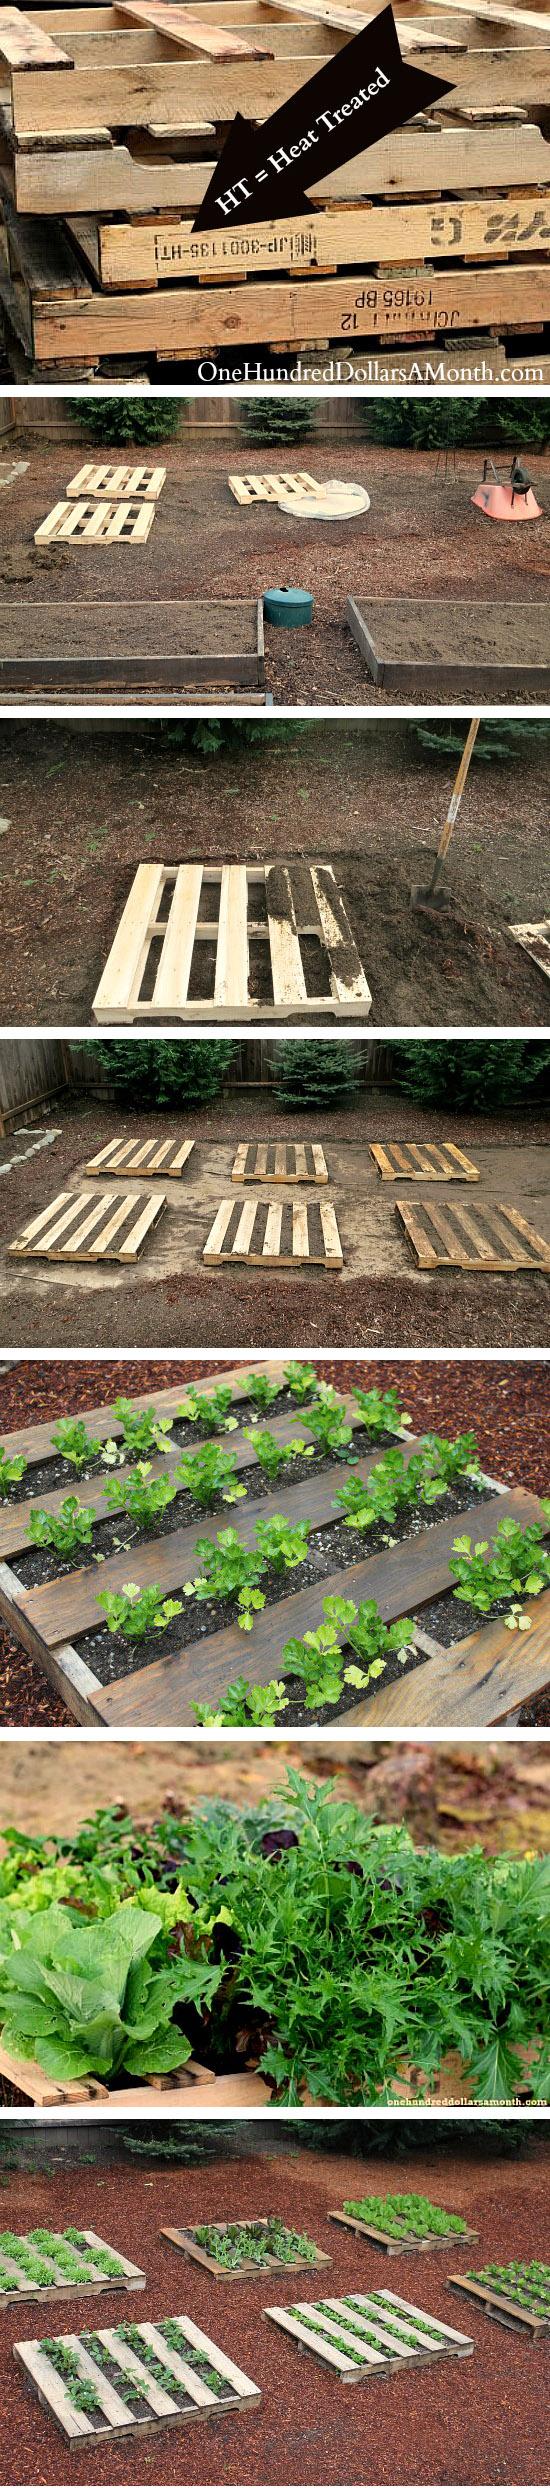 Επαναχρησιμοποίηση παλετών για μικρές καλλιέργειες1